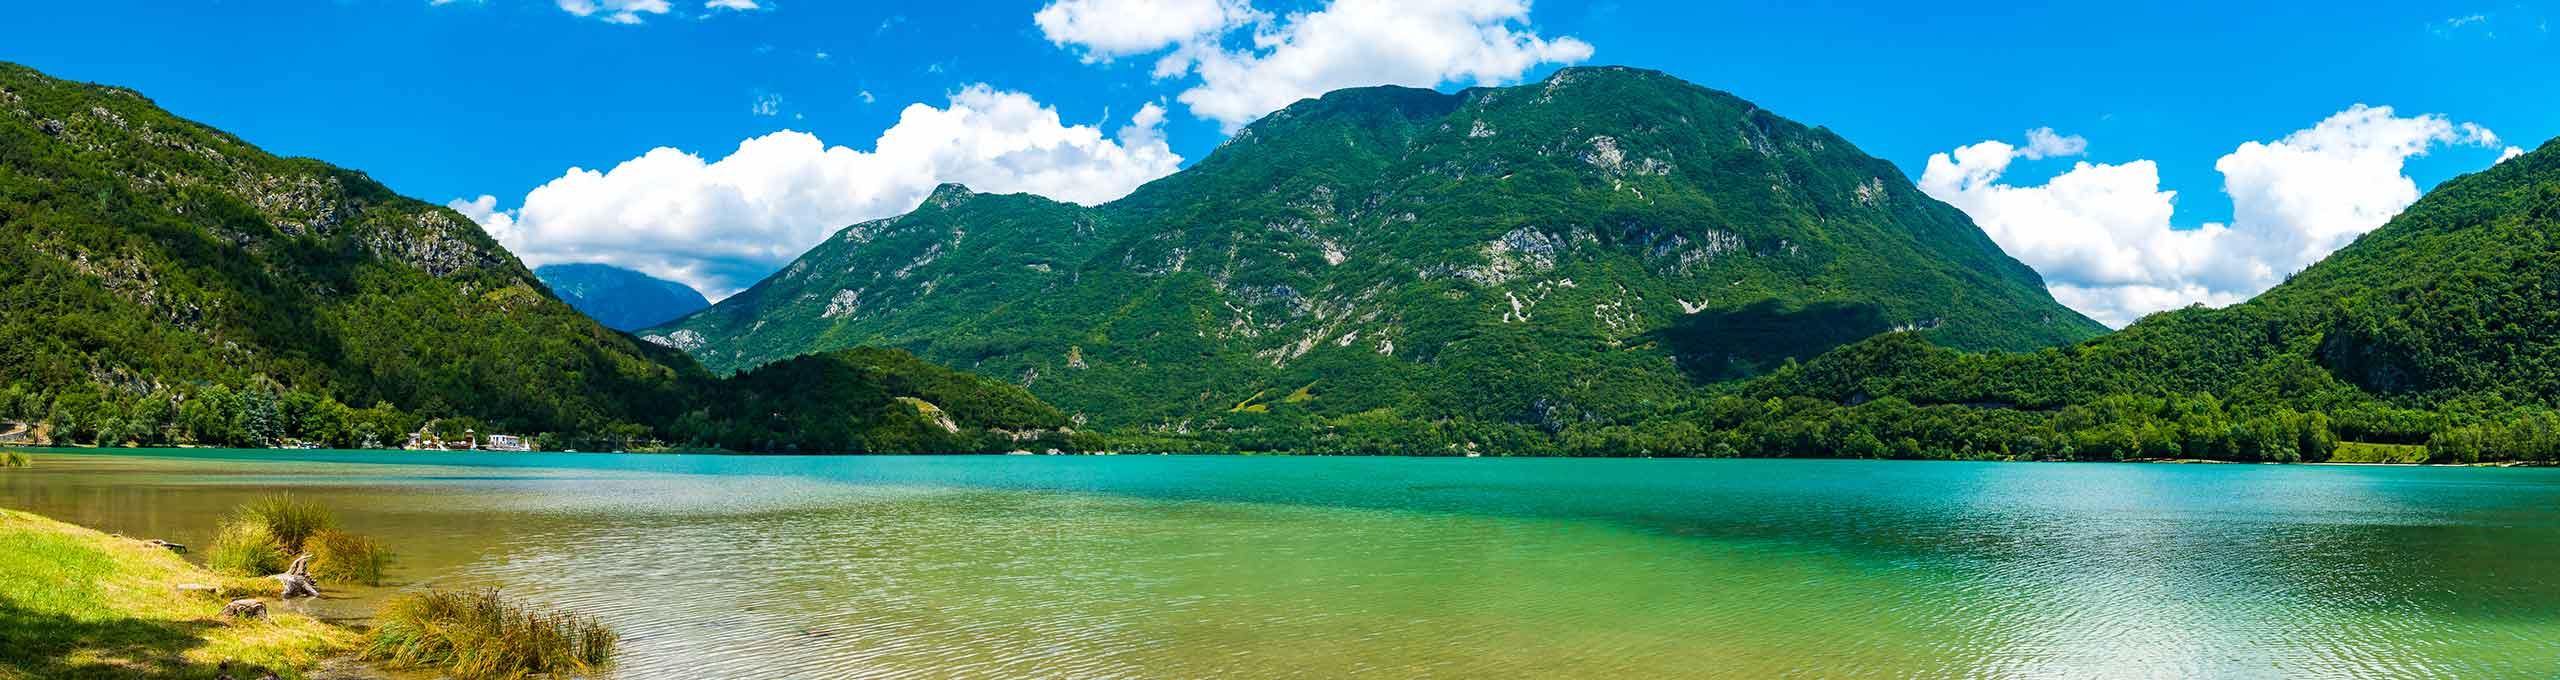 Lago di Cavazzo Carnico, Friuli Venezia Giulia